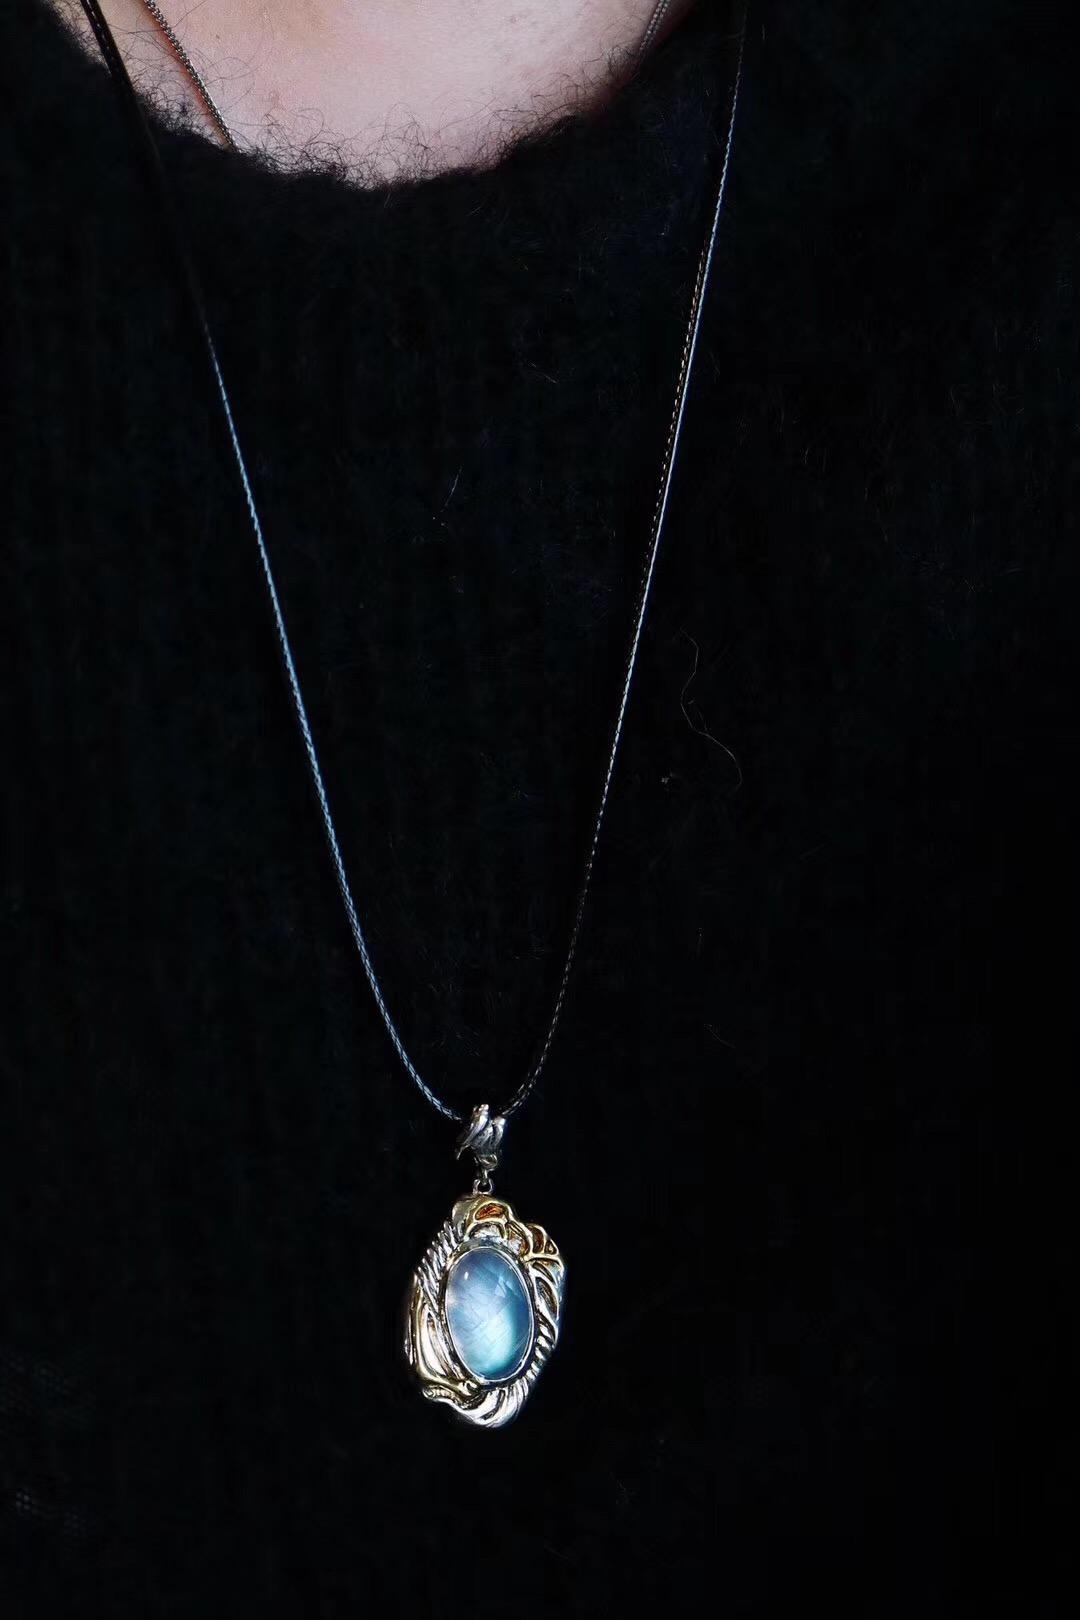 【月光石】奉上这一枚小而精致的月光石-菩心晶舍